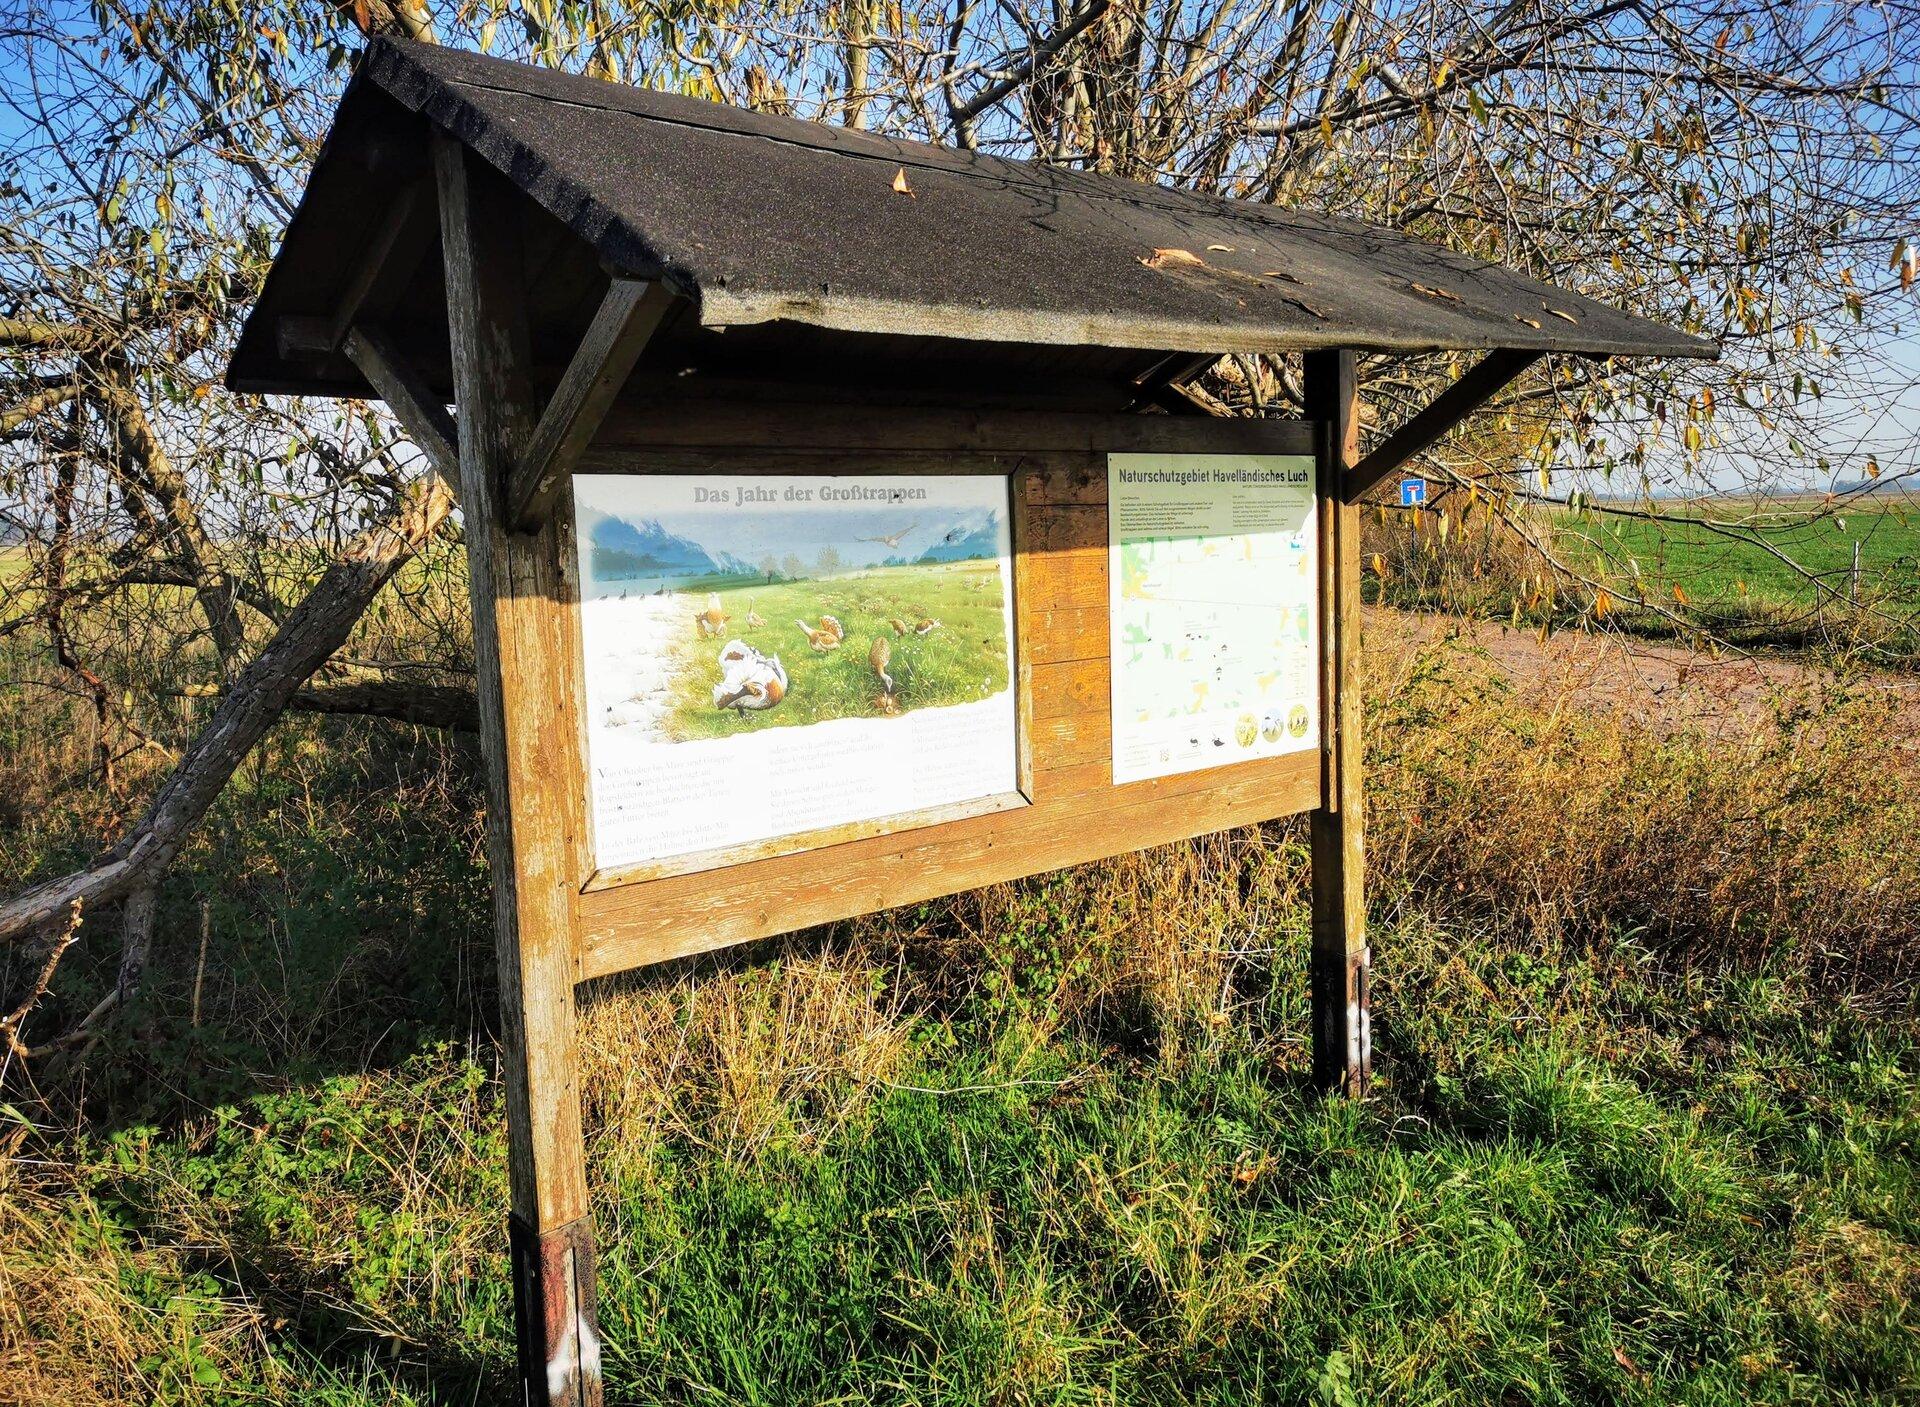 Naturparkgemeinde Westhavelland